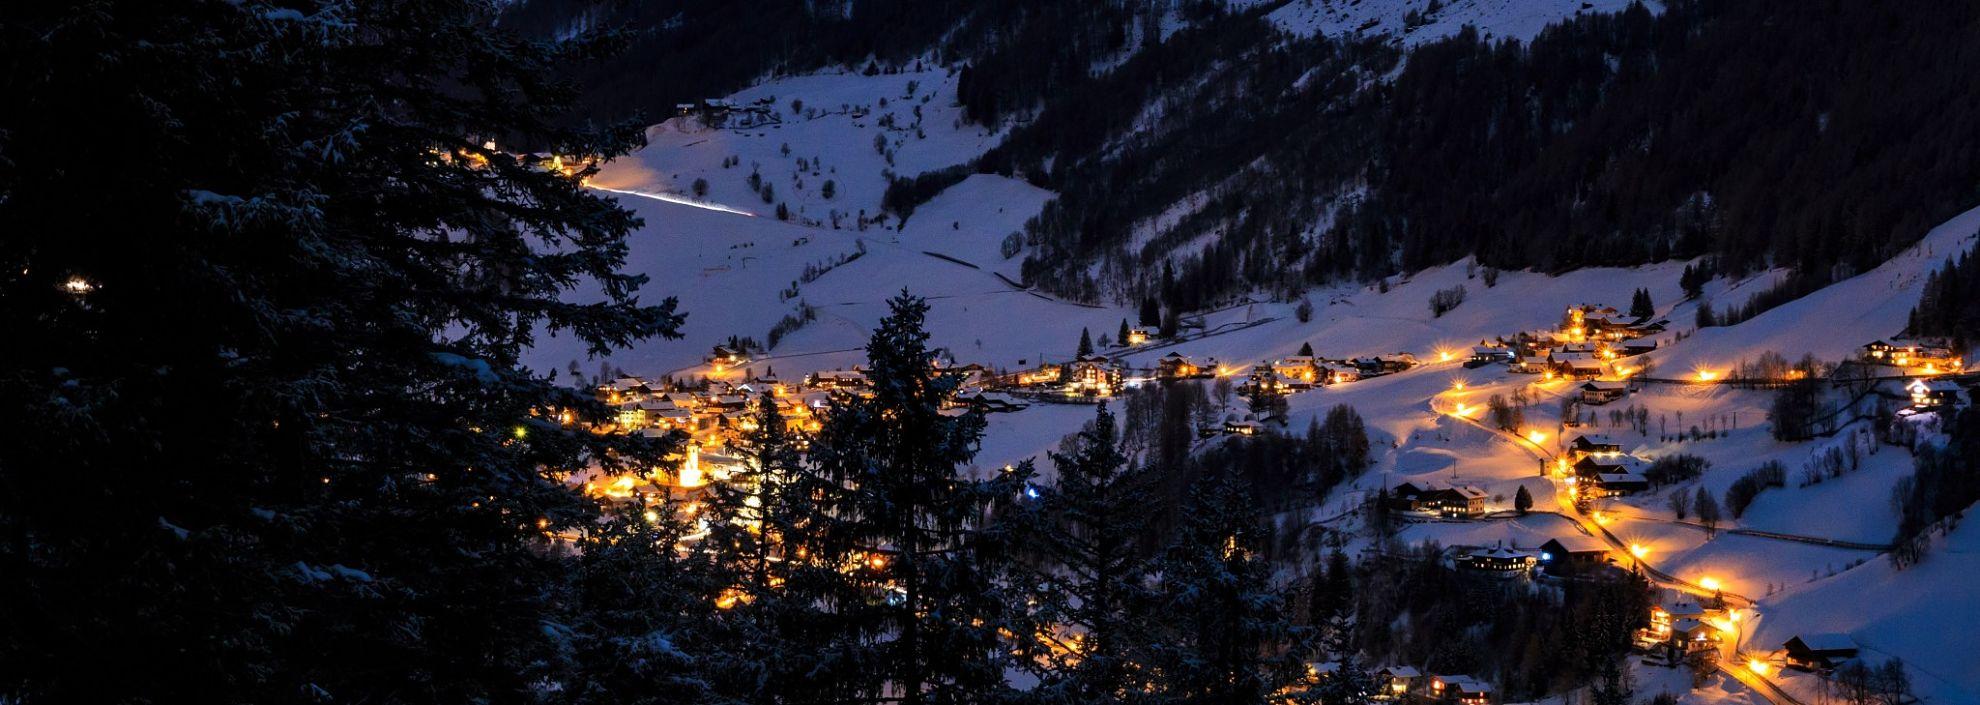 berny-steiner-alpen_opt